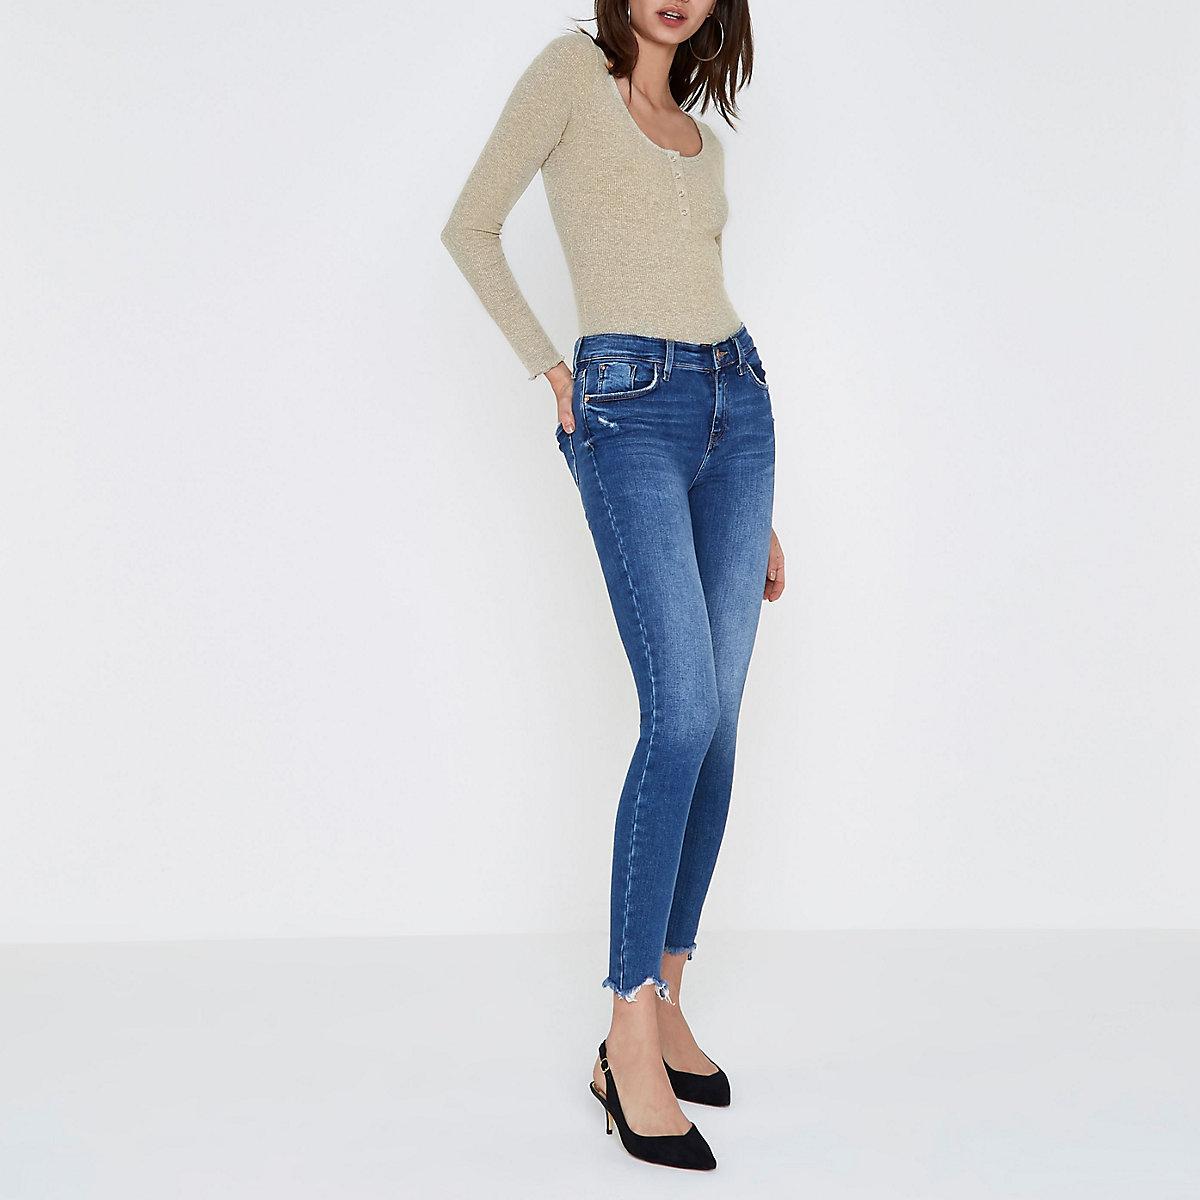 c545871926 Beige rib scoop neck long sleeve bodysuit - Bodysuits - Tops - women